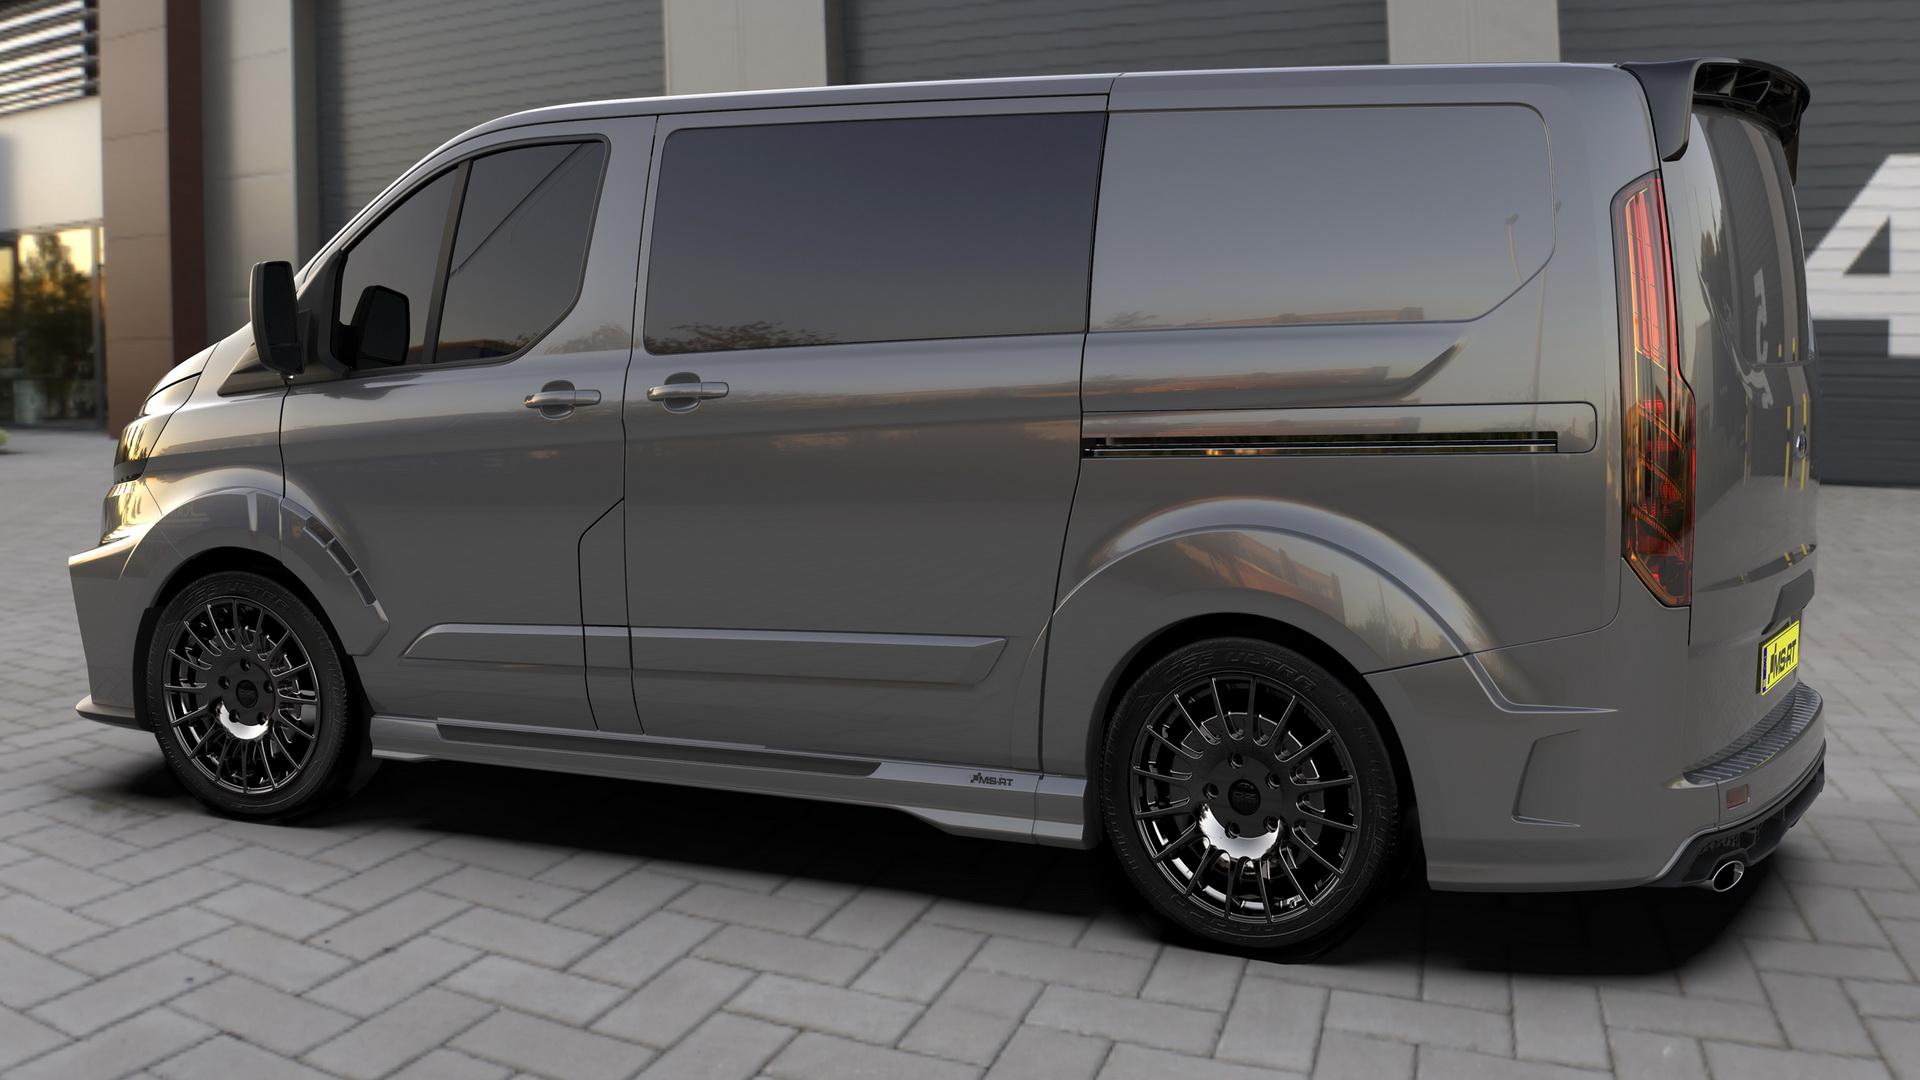 ms rt ford transit es la furgoneta pensada para aquellos que quieren una est tica mucho m s. Black Bedroom Furniture Sets. Home Design Ideas